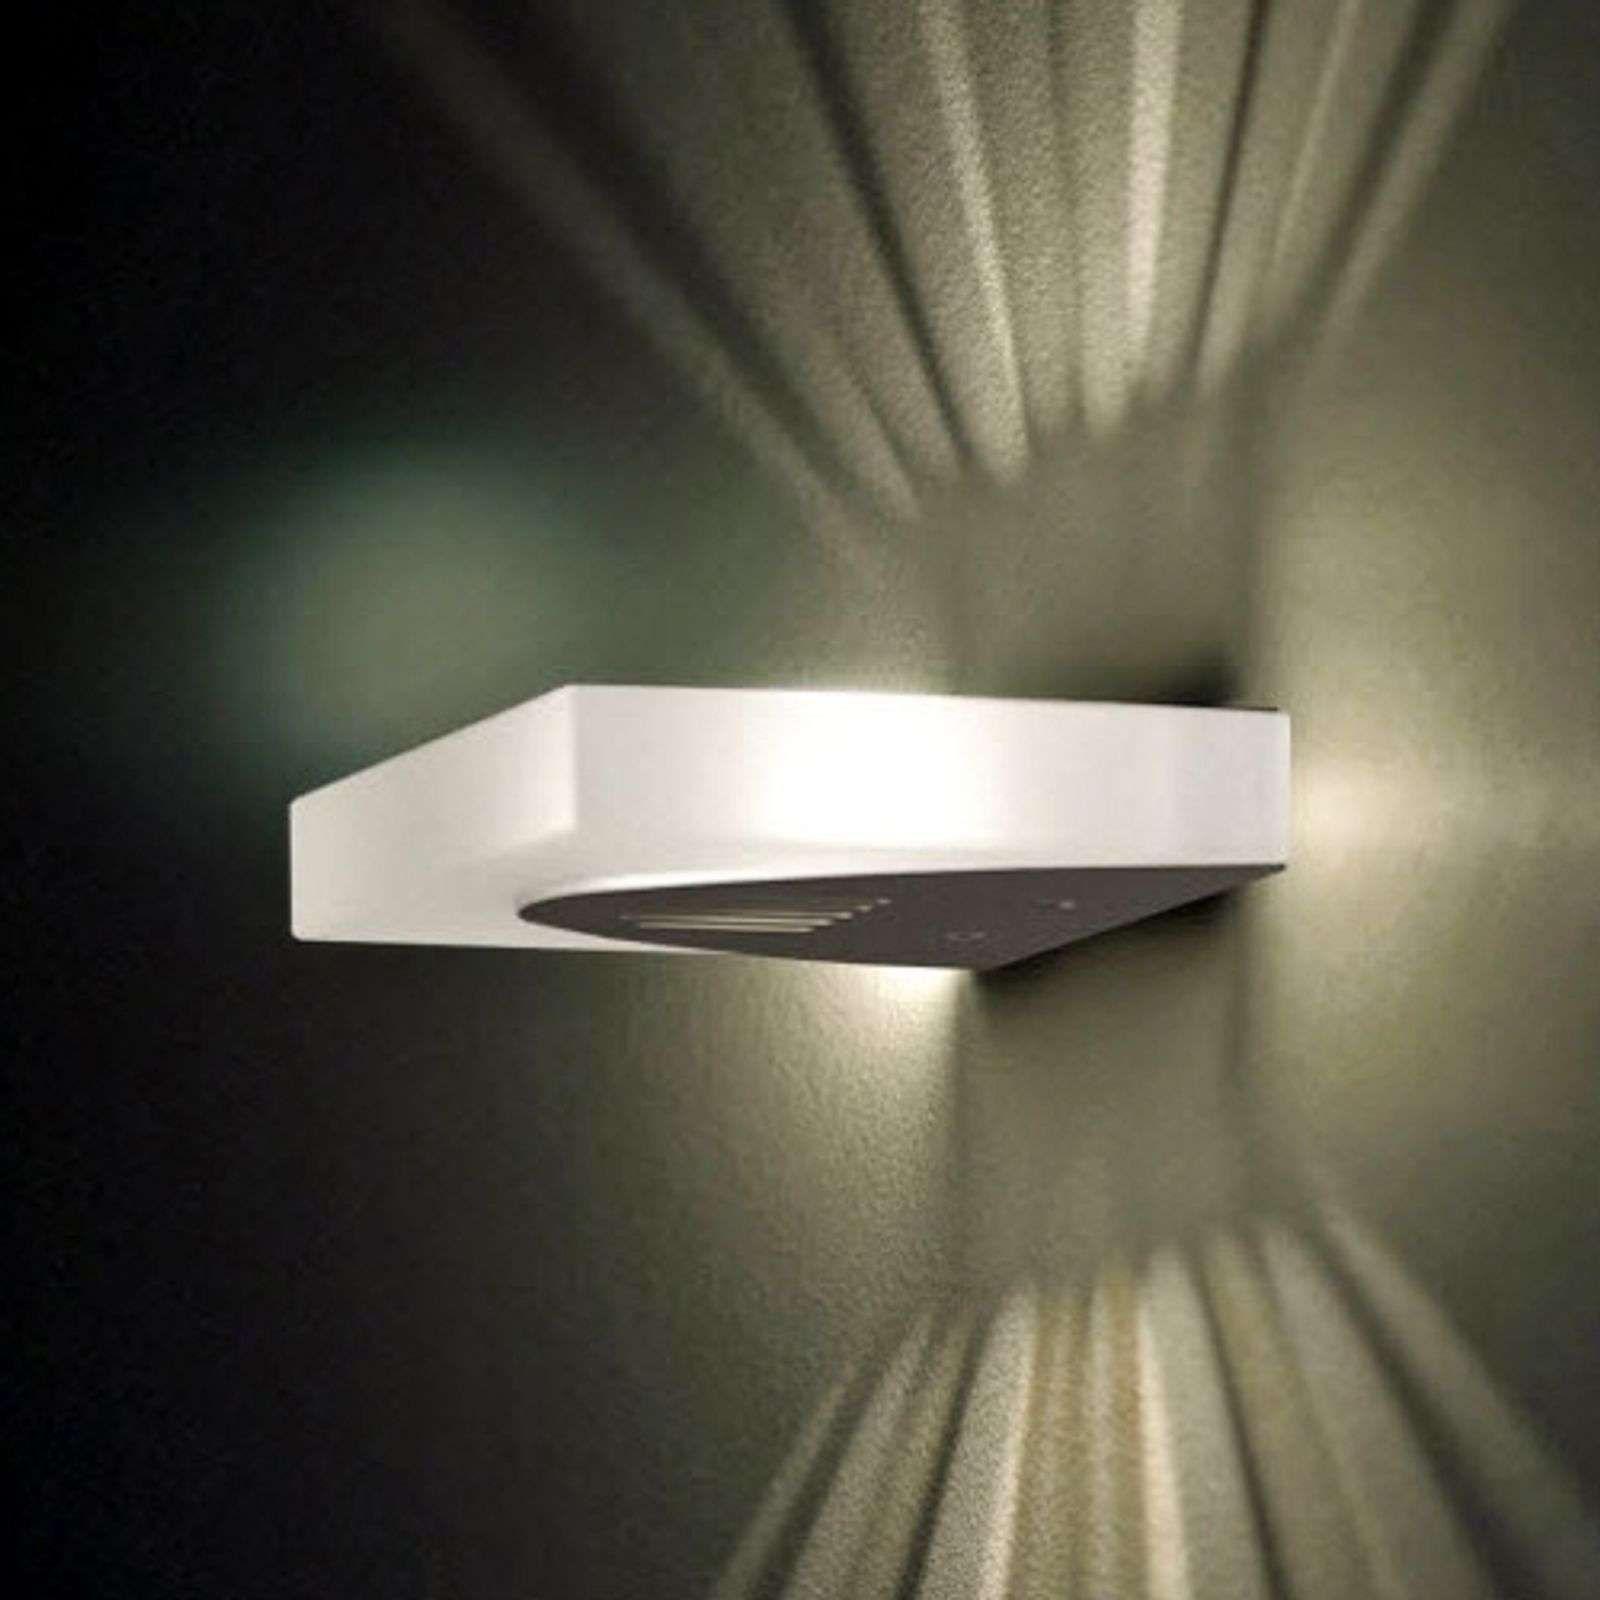 Wandleuchte Bad Ip65 Lampe Fur Wand Wandlampe Bett